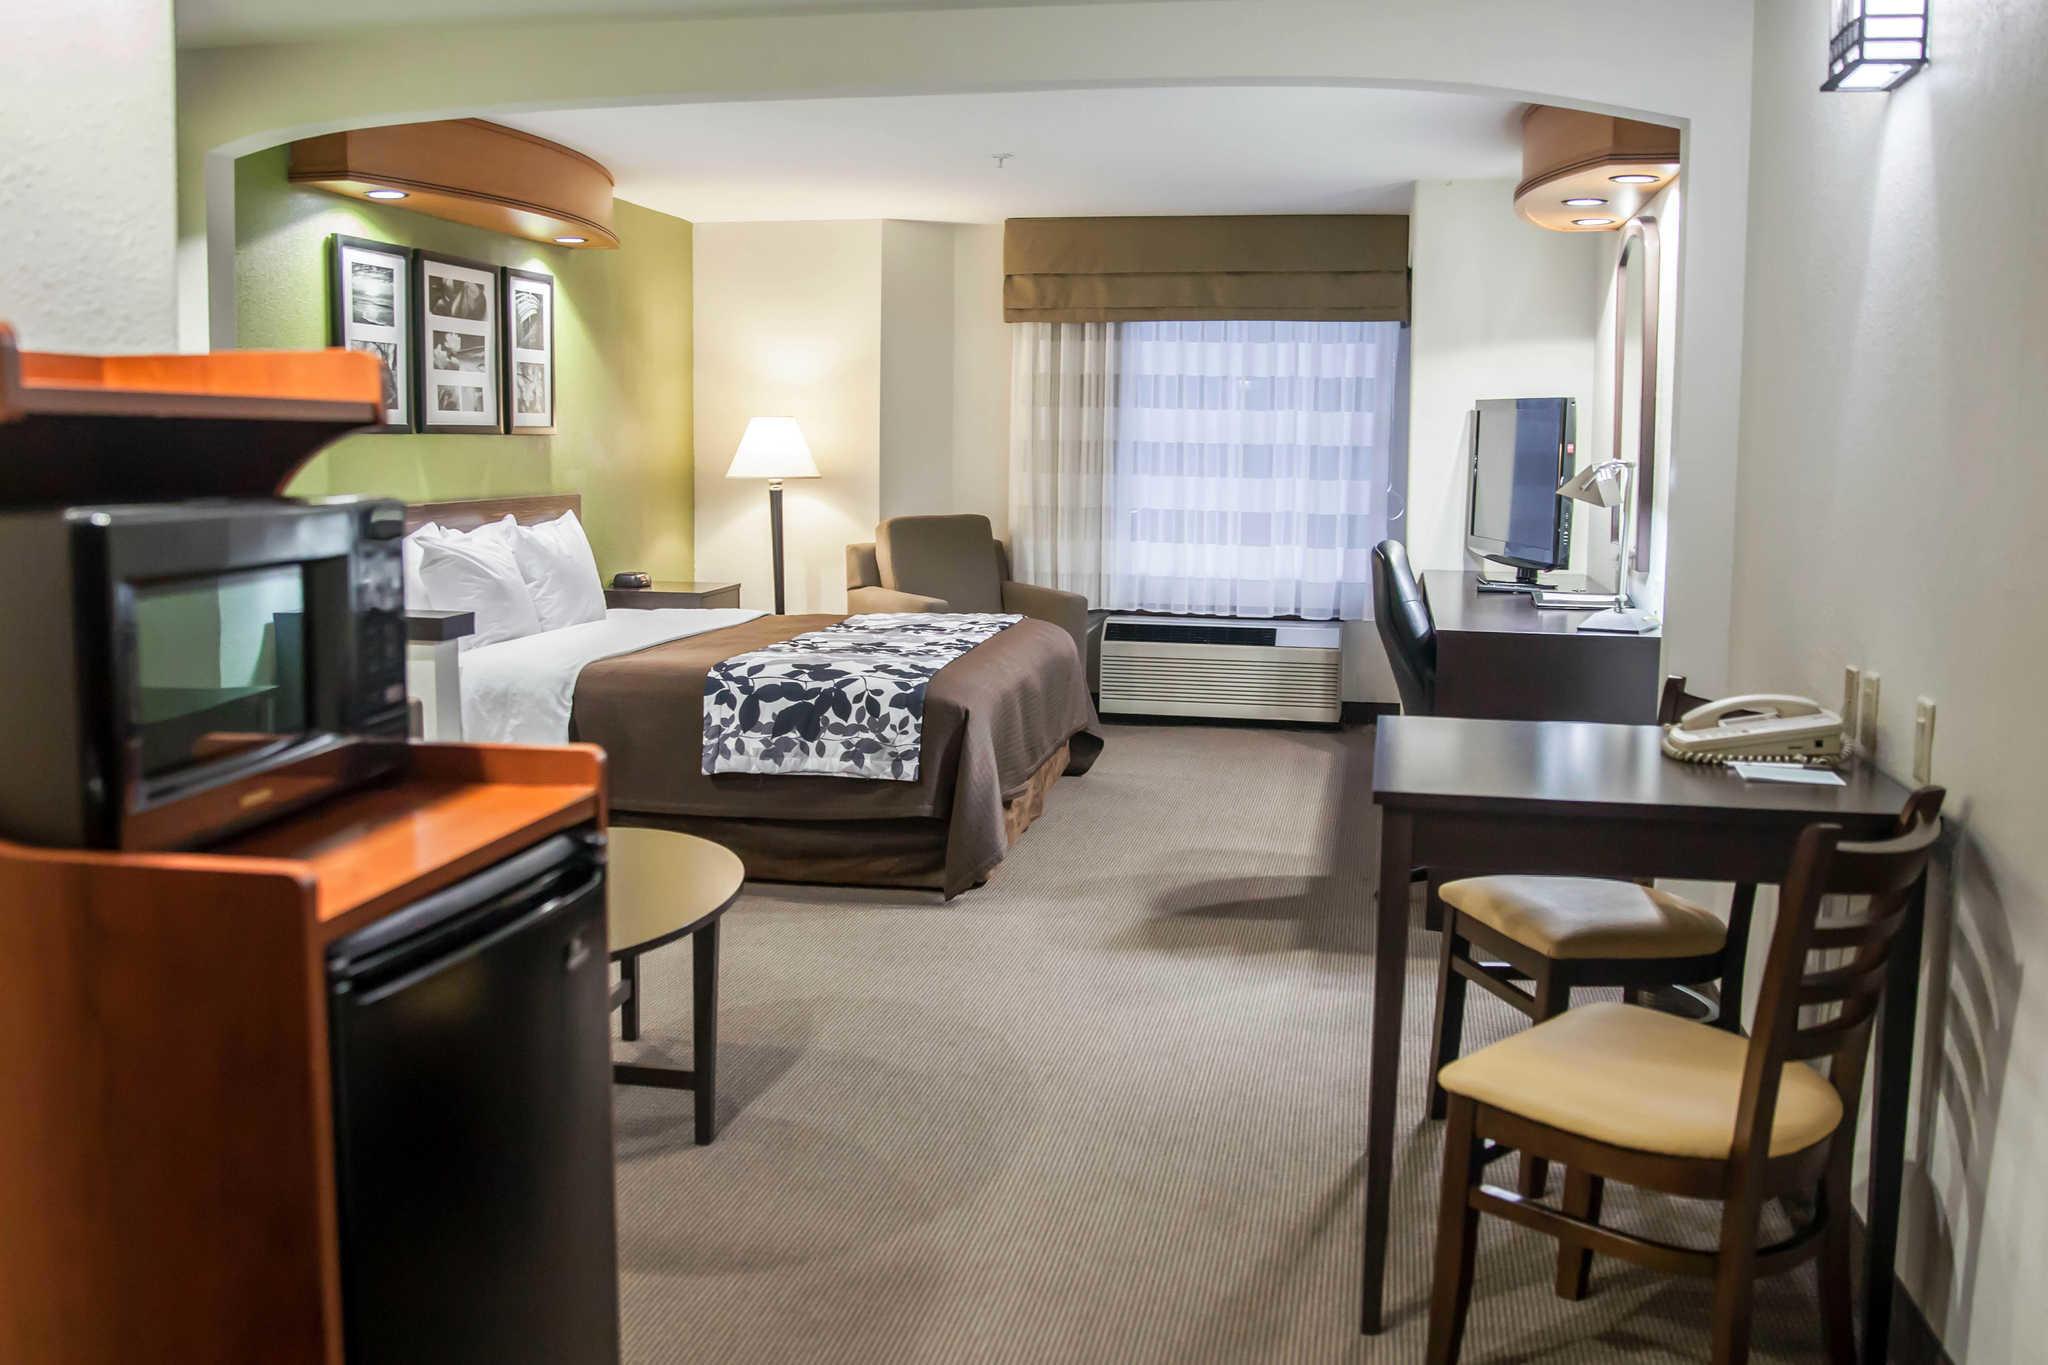 Sleep Inn & Suites image 21